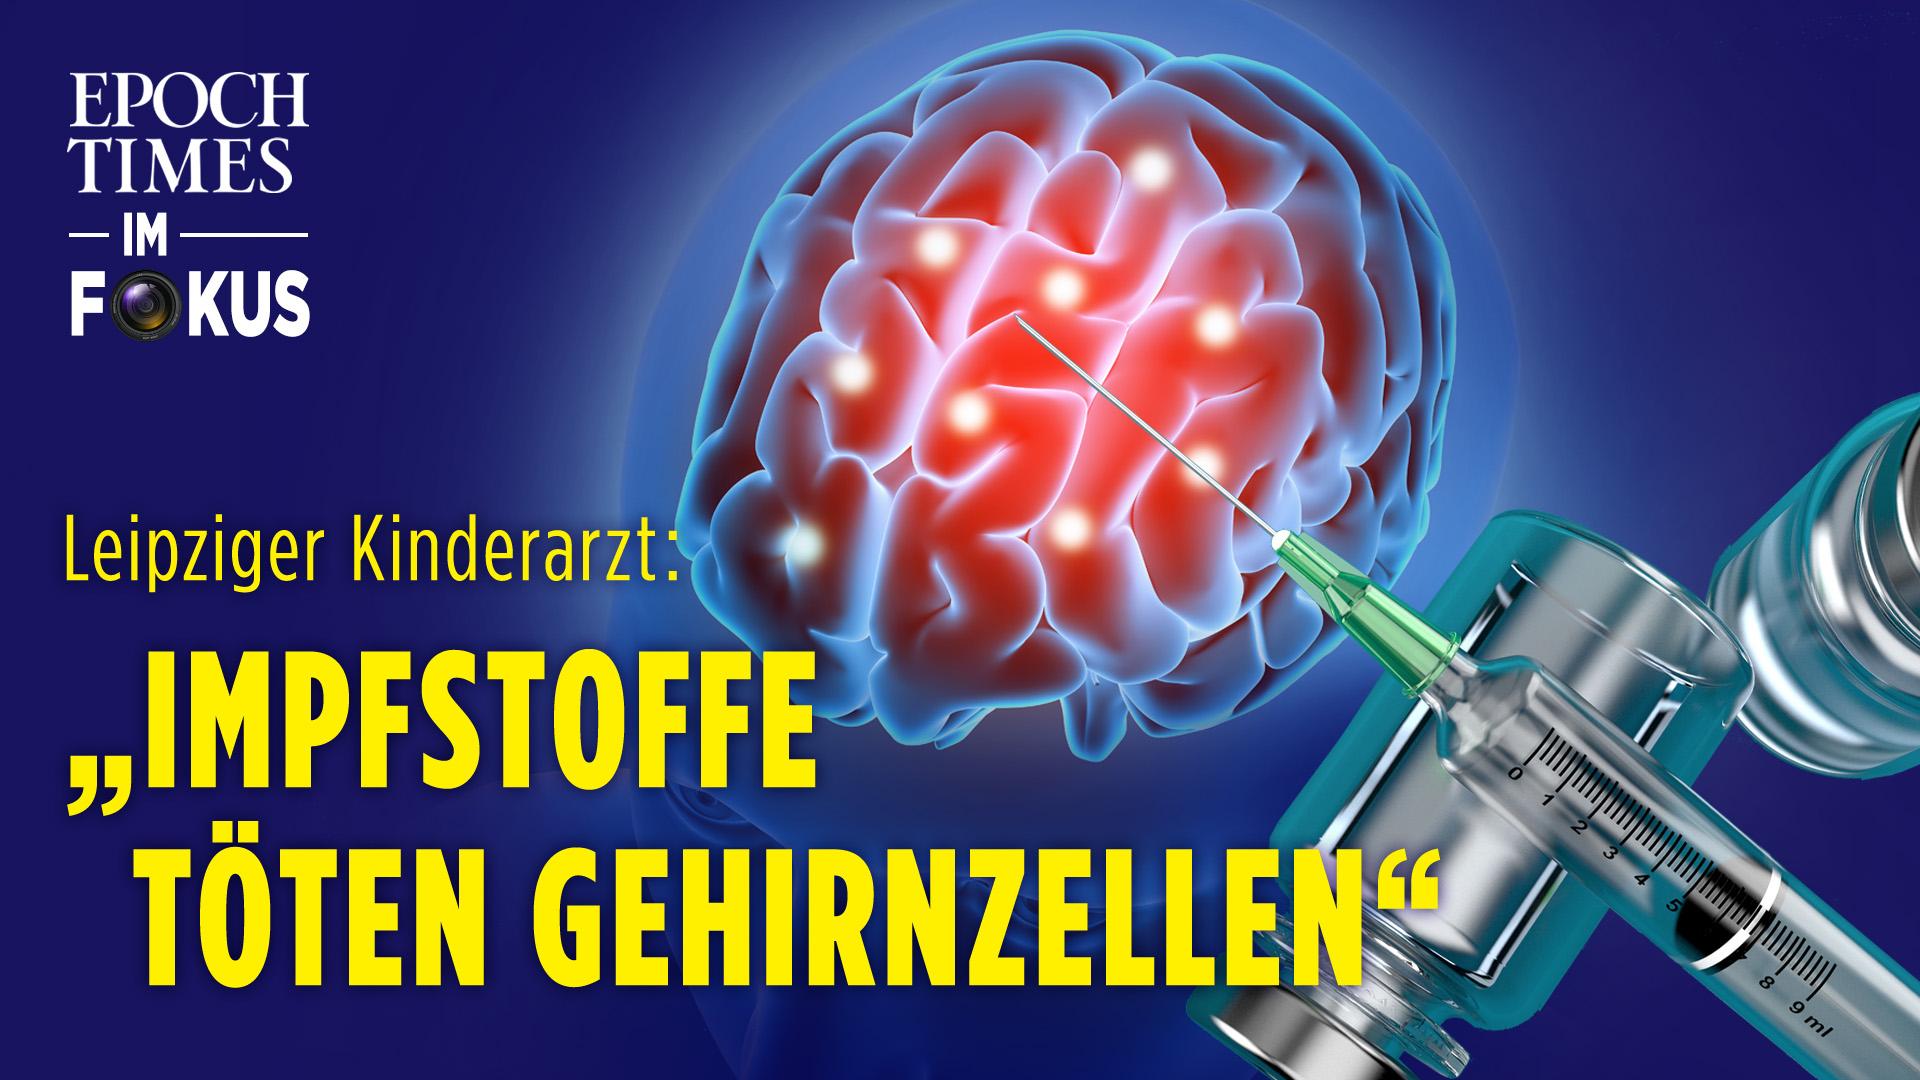 Leipziger Kinderarzt: Impfstoffe töten Gehirnzellen und Pharmaindustrie steuert Ärzte   ET im Fokus